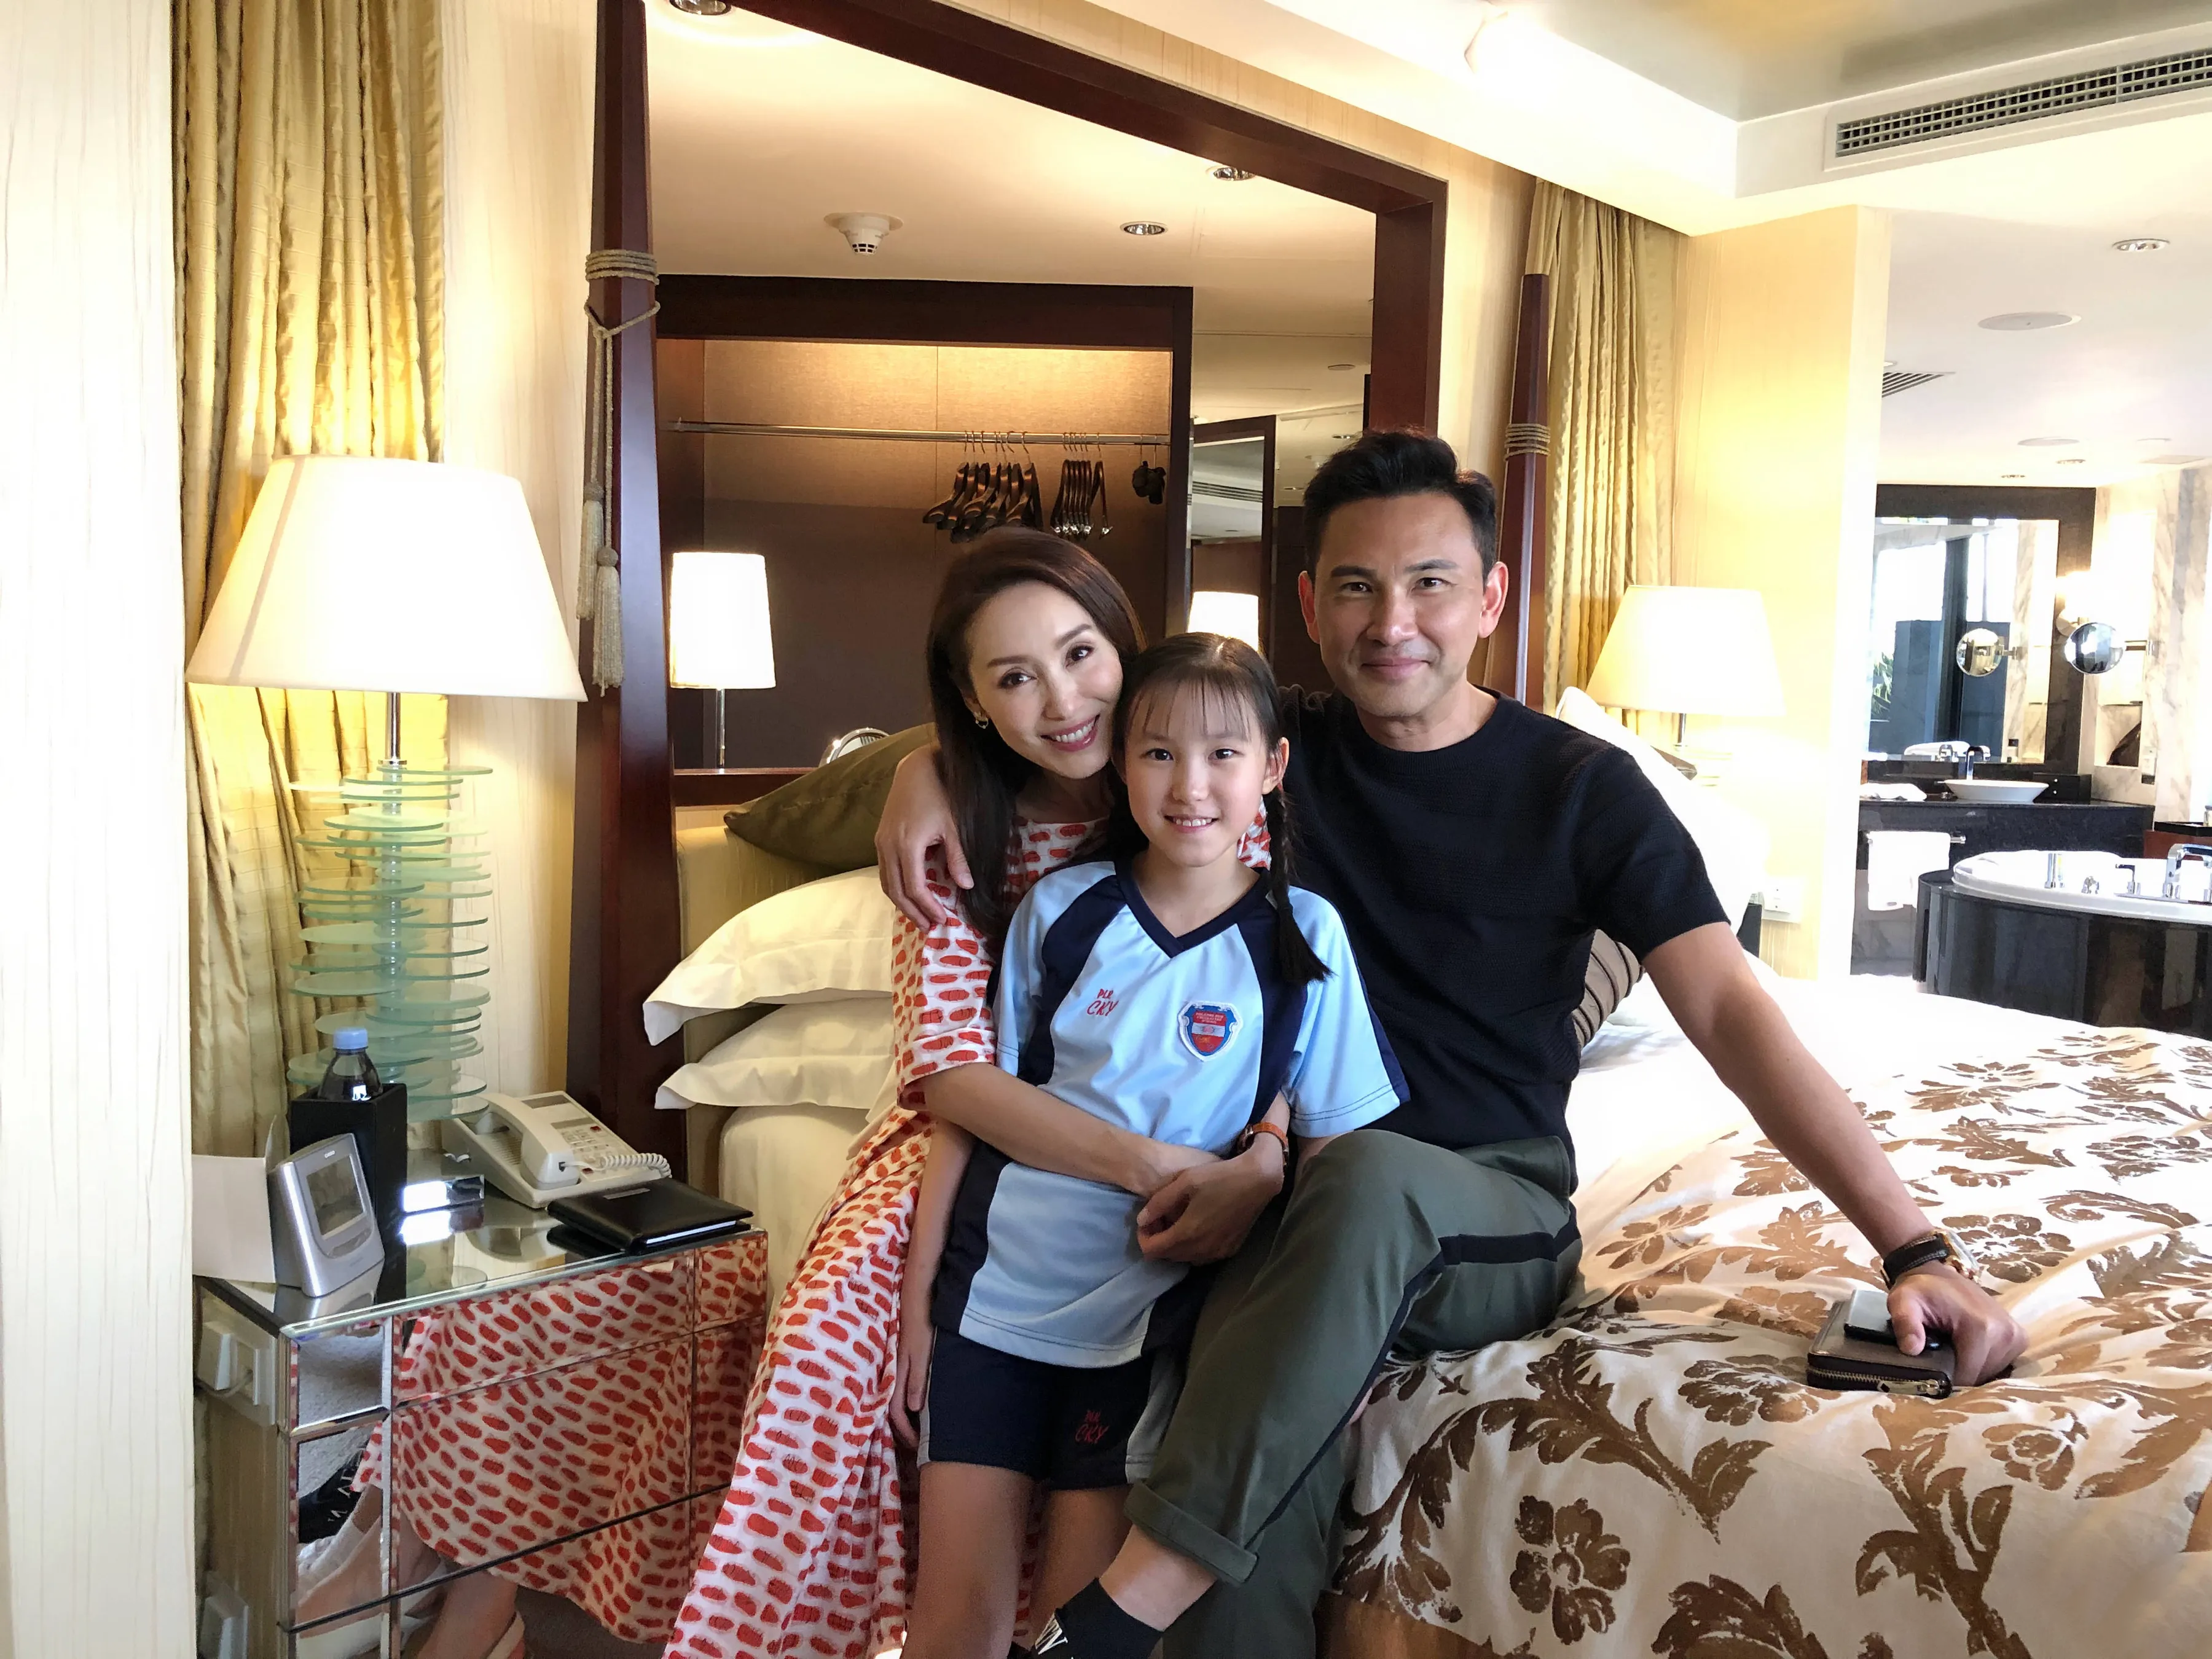 郭可盈50歲生日,和老公甜蜜同框秀恩愛,10歲女兒和爸爸很像